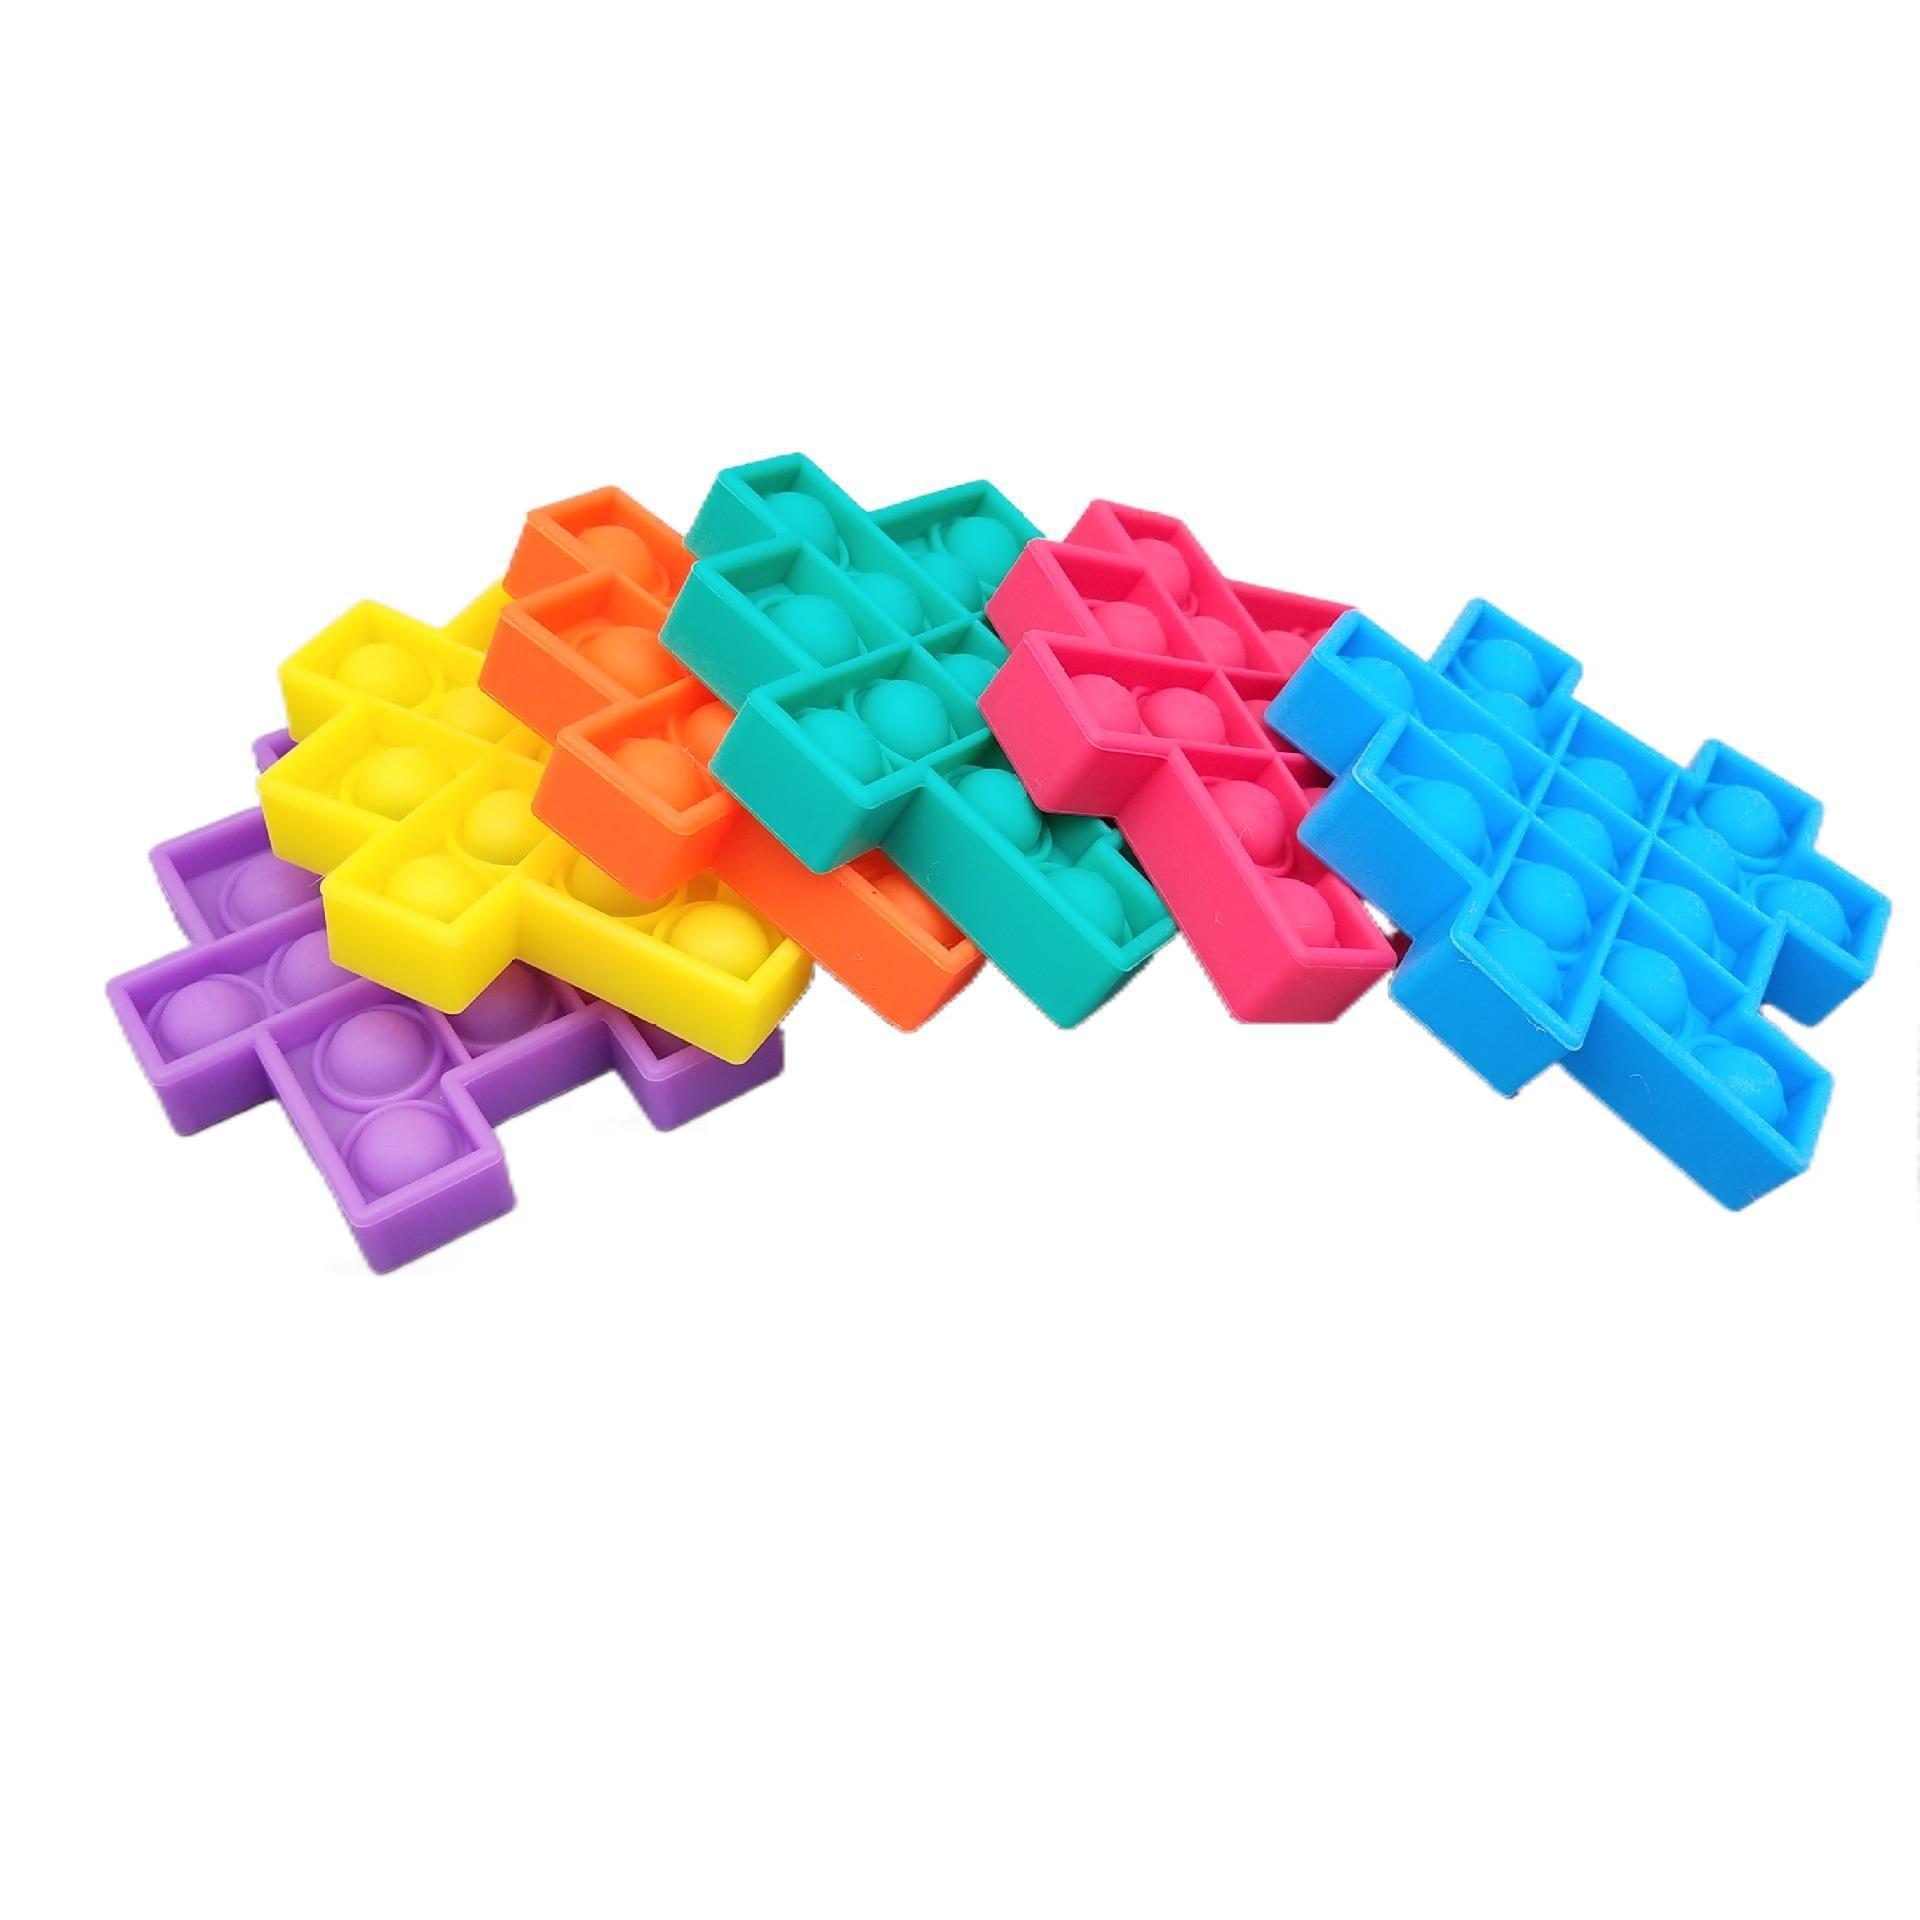 Fidget-Toys Bubble-Sensory-Toy Autism Reliver-Stress Popsit Special img3